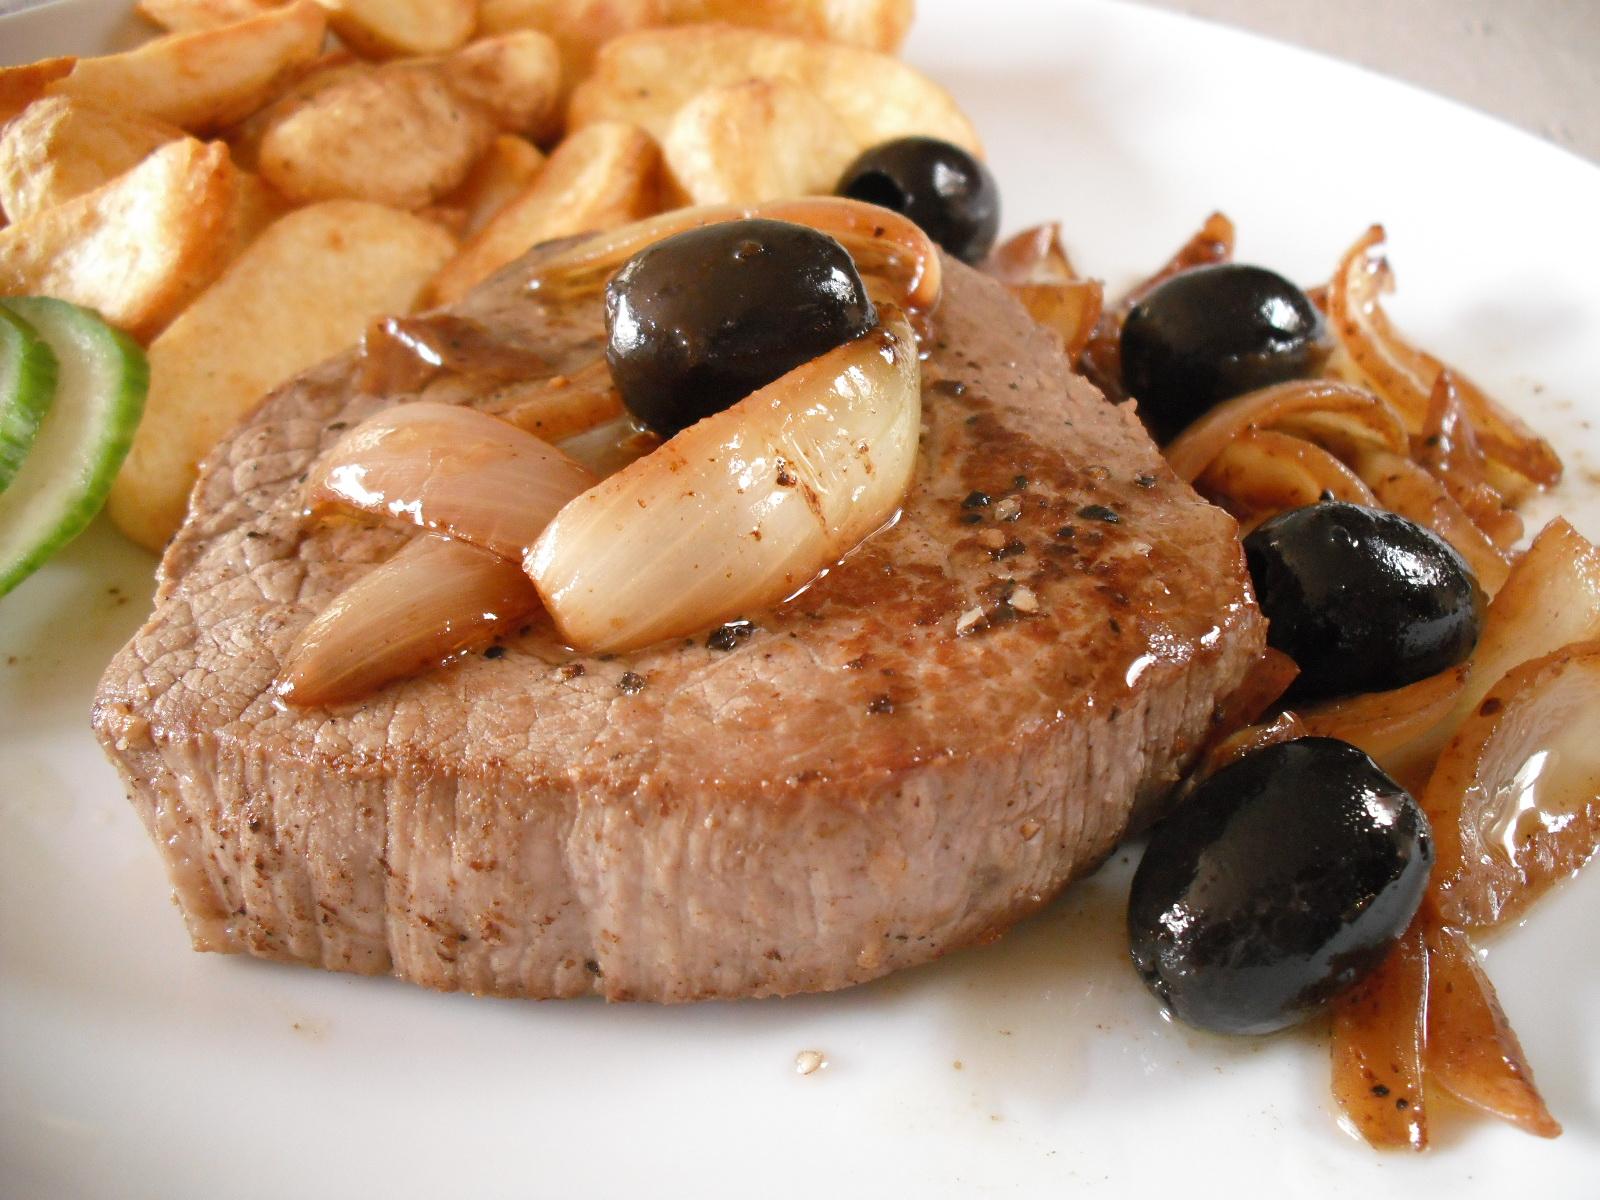 Hovězí steak s olivami